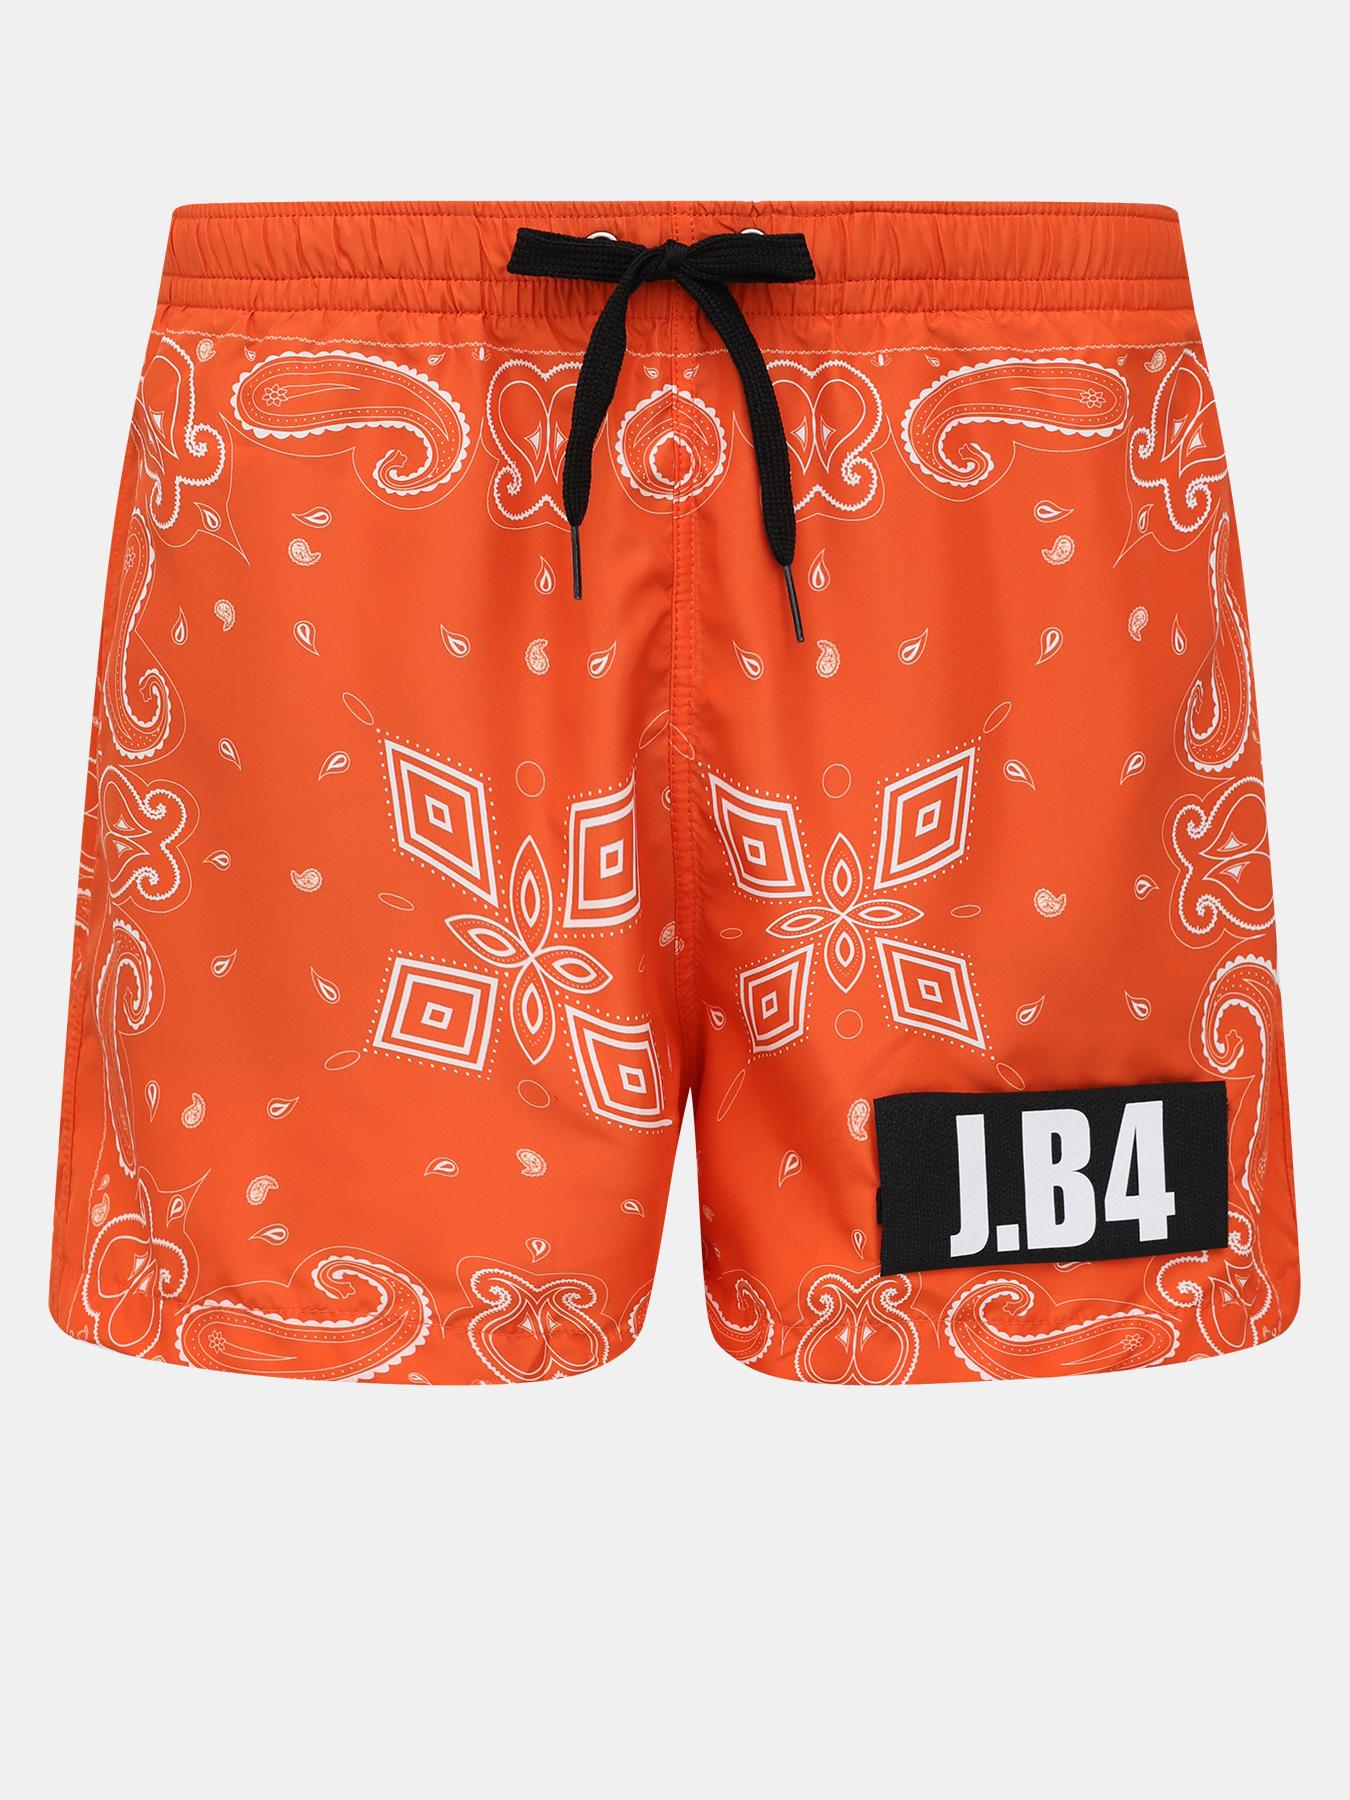 Плавательные шорты J.B4 Шорты плавательные